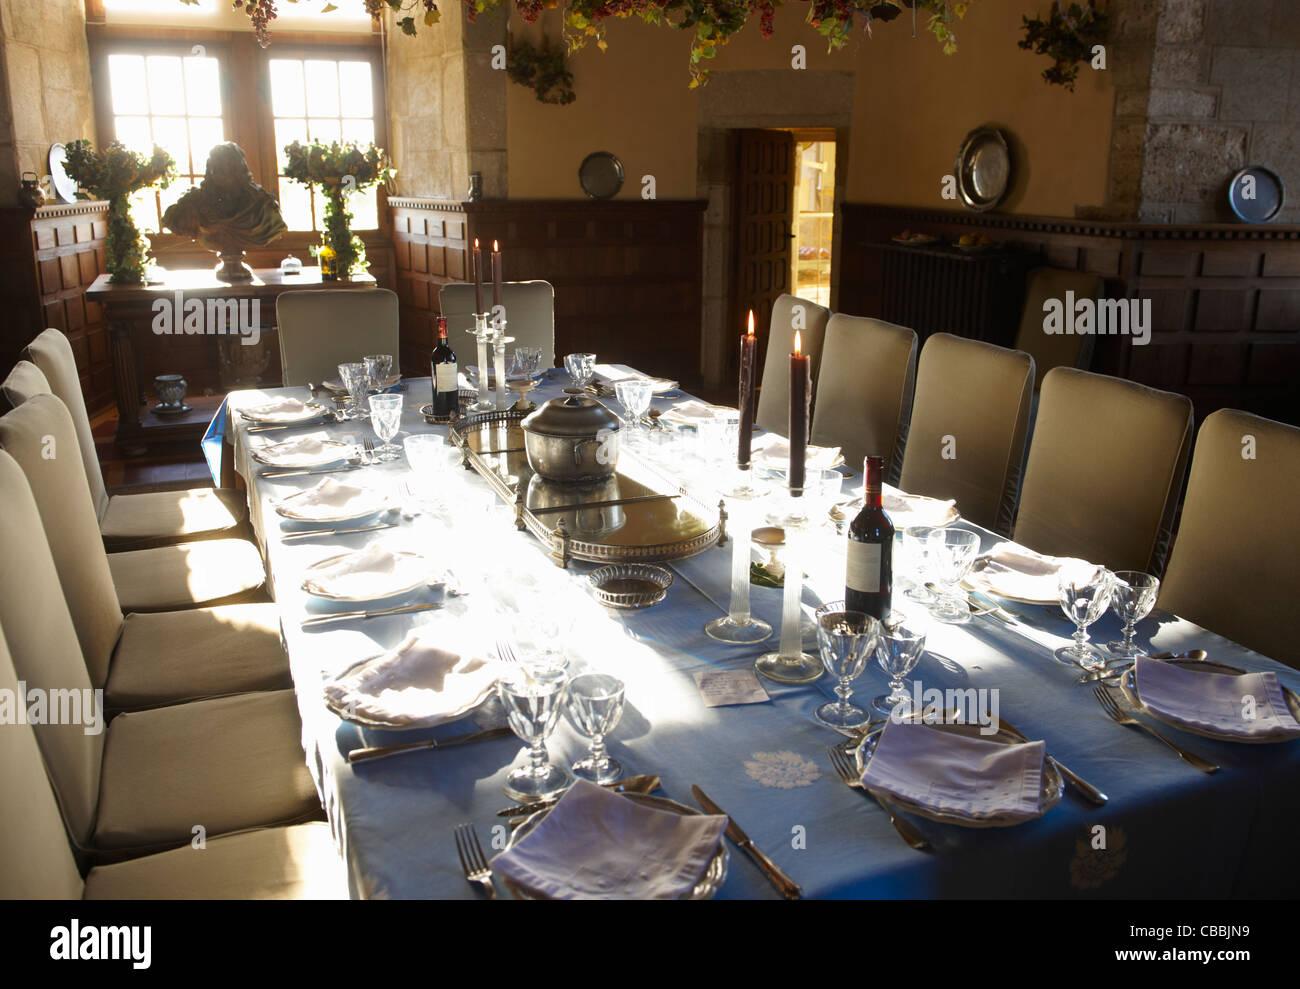 Reich verzierte Tabelleneinstellungen im Speisesaal Stockbild